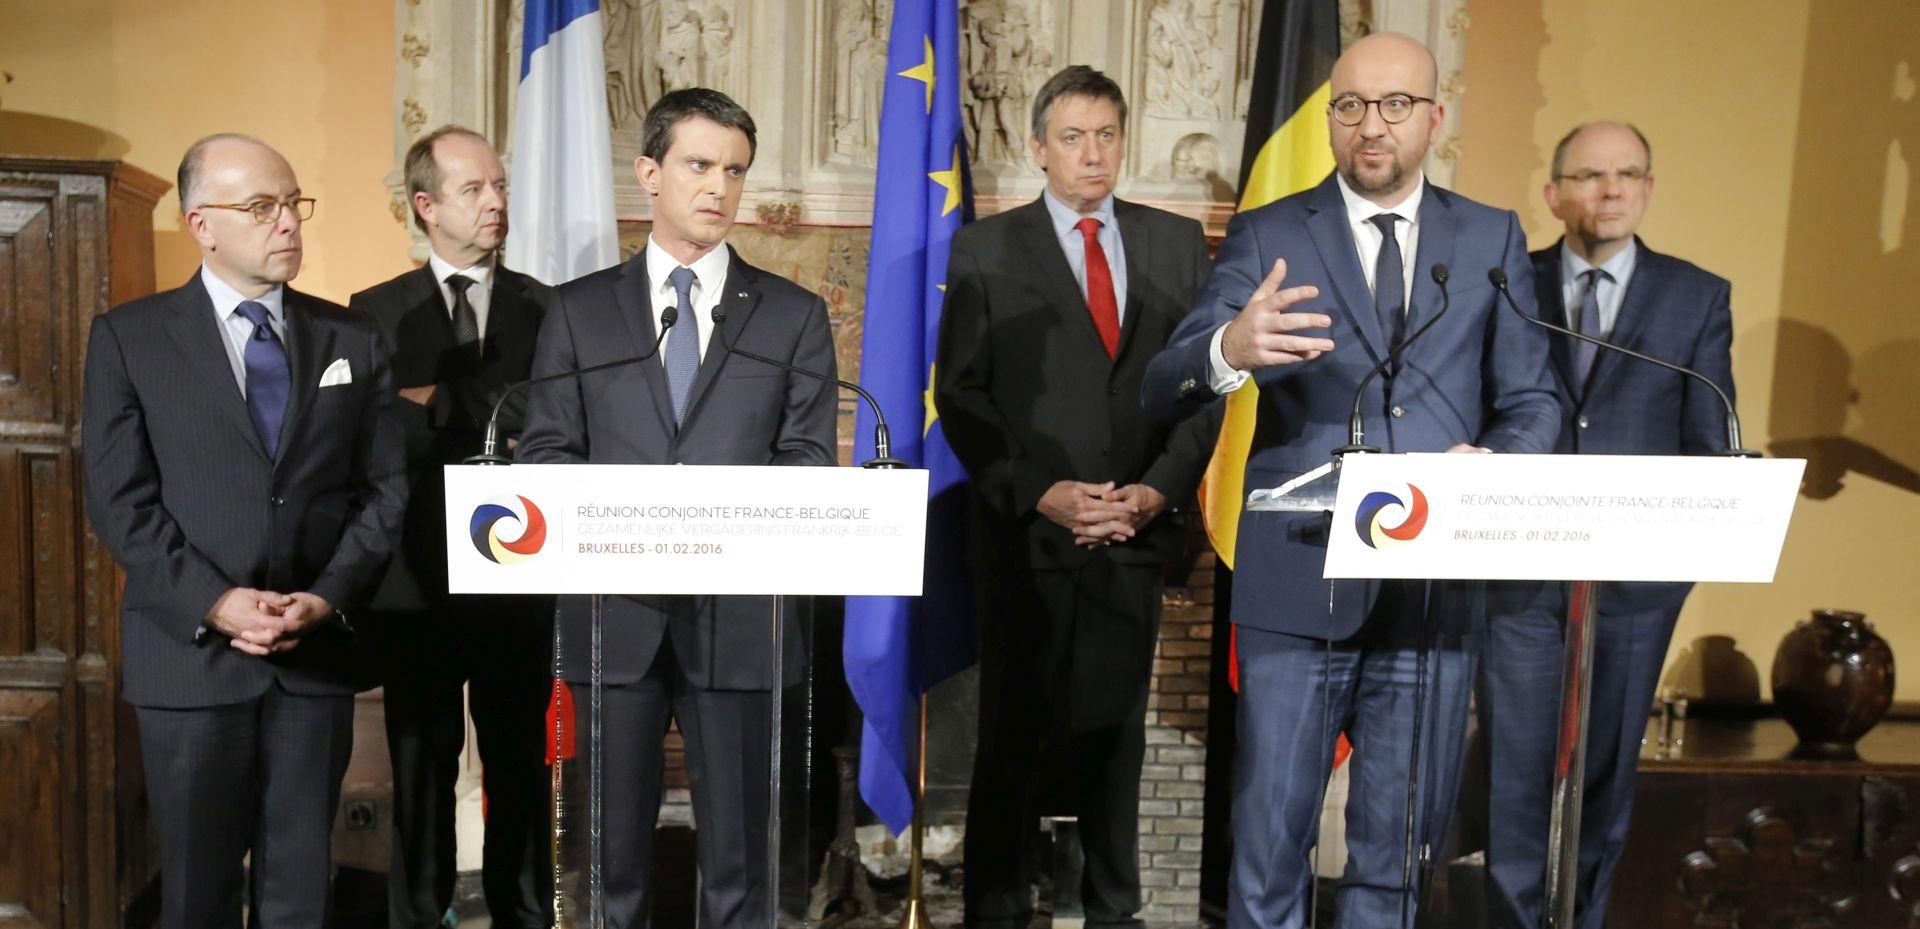 Francuska i Belgija jačaju sigurnosnu suradnju nakon terorističkih napada u Parizu